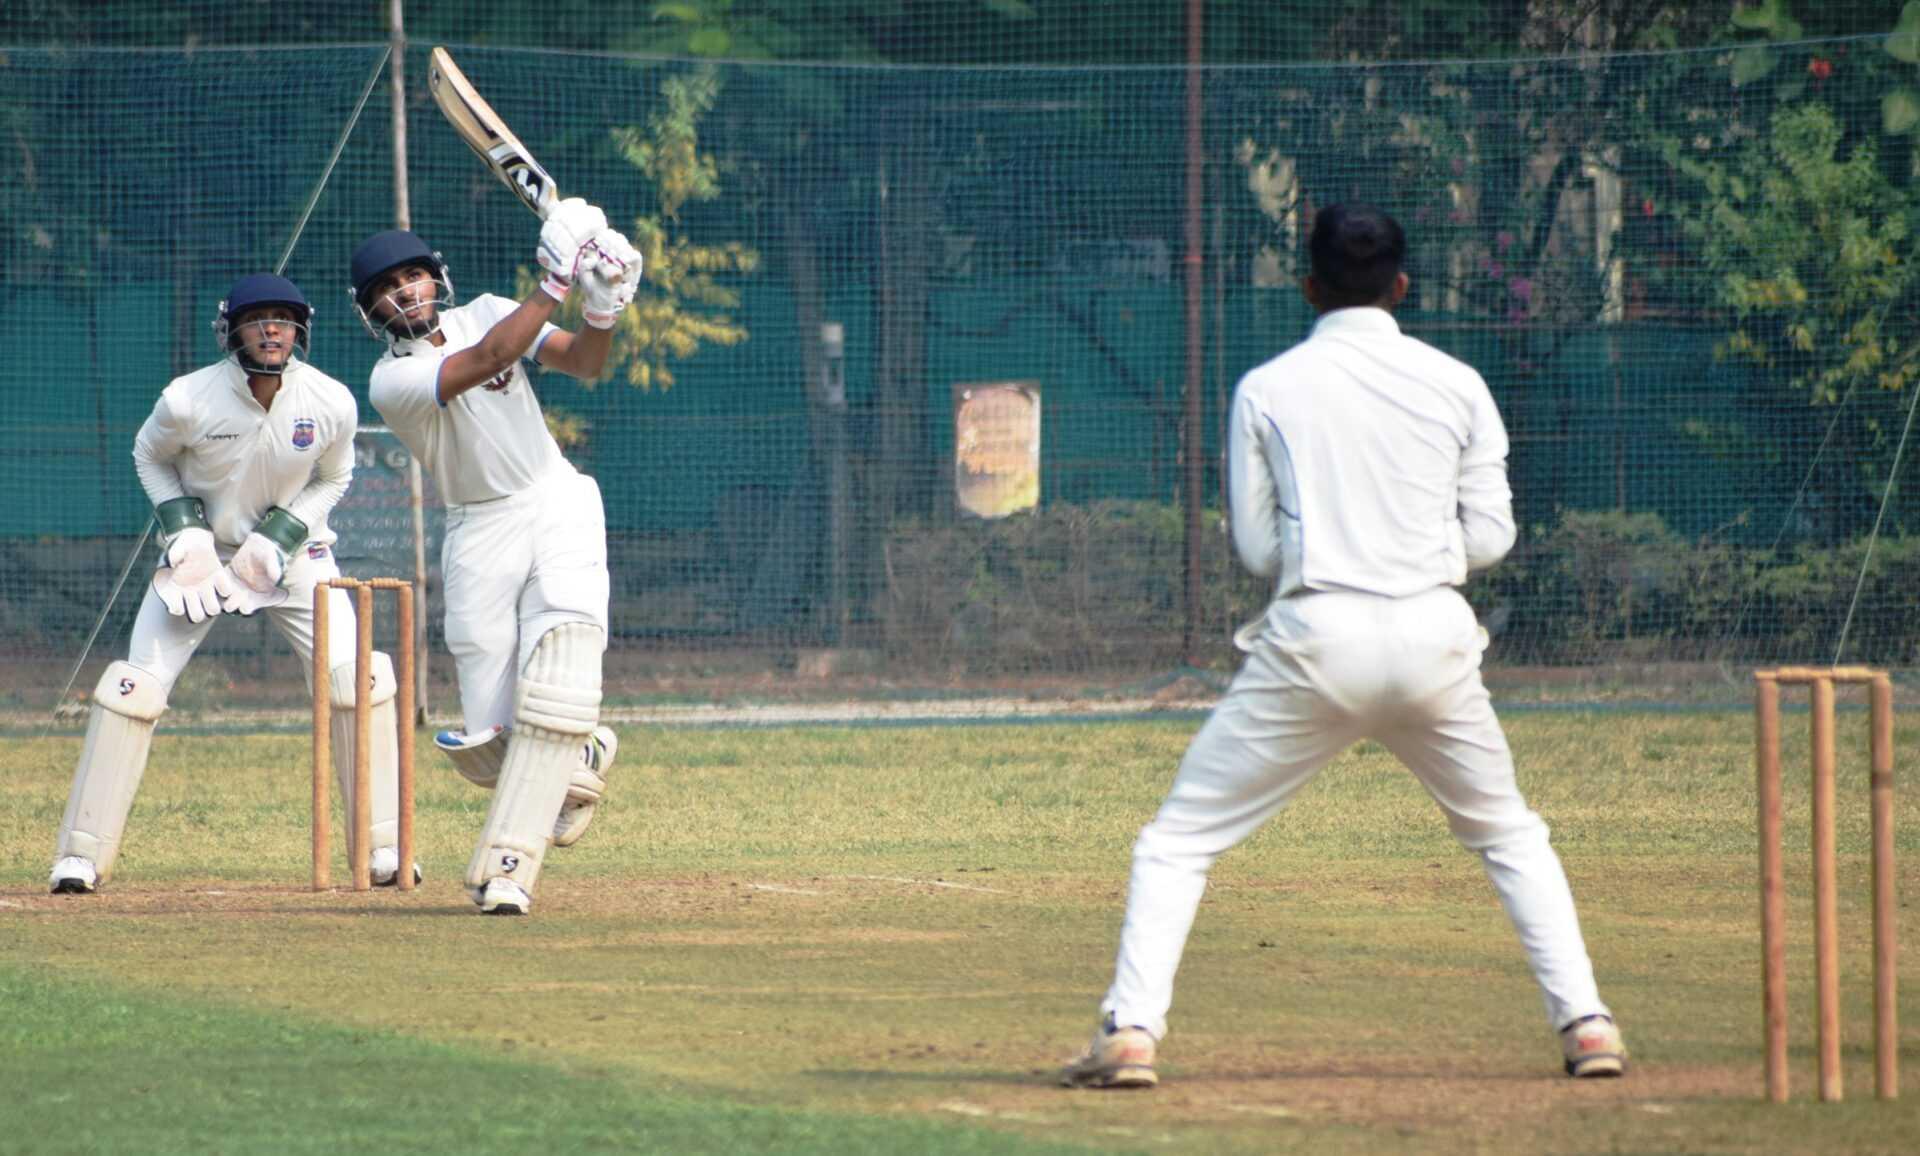 एम 3 करंडक आंतरक्लब 23 वर्षांखालील निमंत्रित क्रिकेट स्पर्धेत युनायटेड स्पोर्ट्स क्लब, डेक्कन जिमखाना, केडन्स, क्लब ऑफ महाराष्ट्र संघांची विजयी सलामी